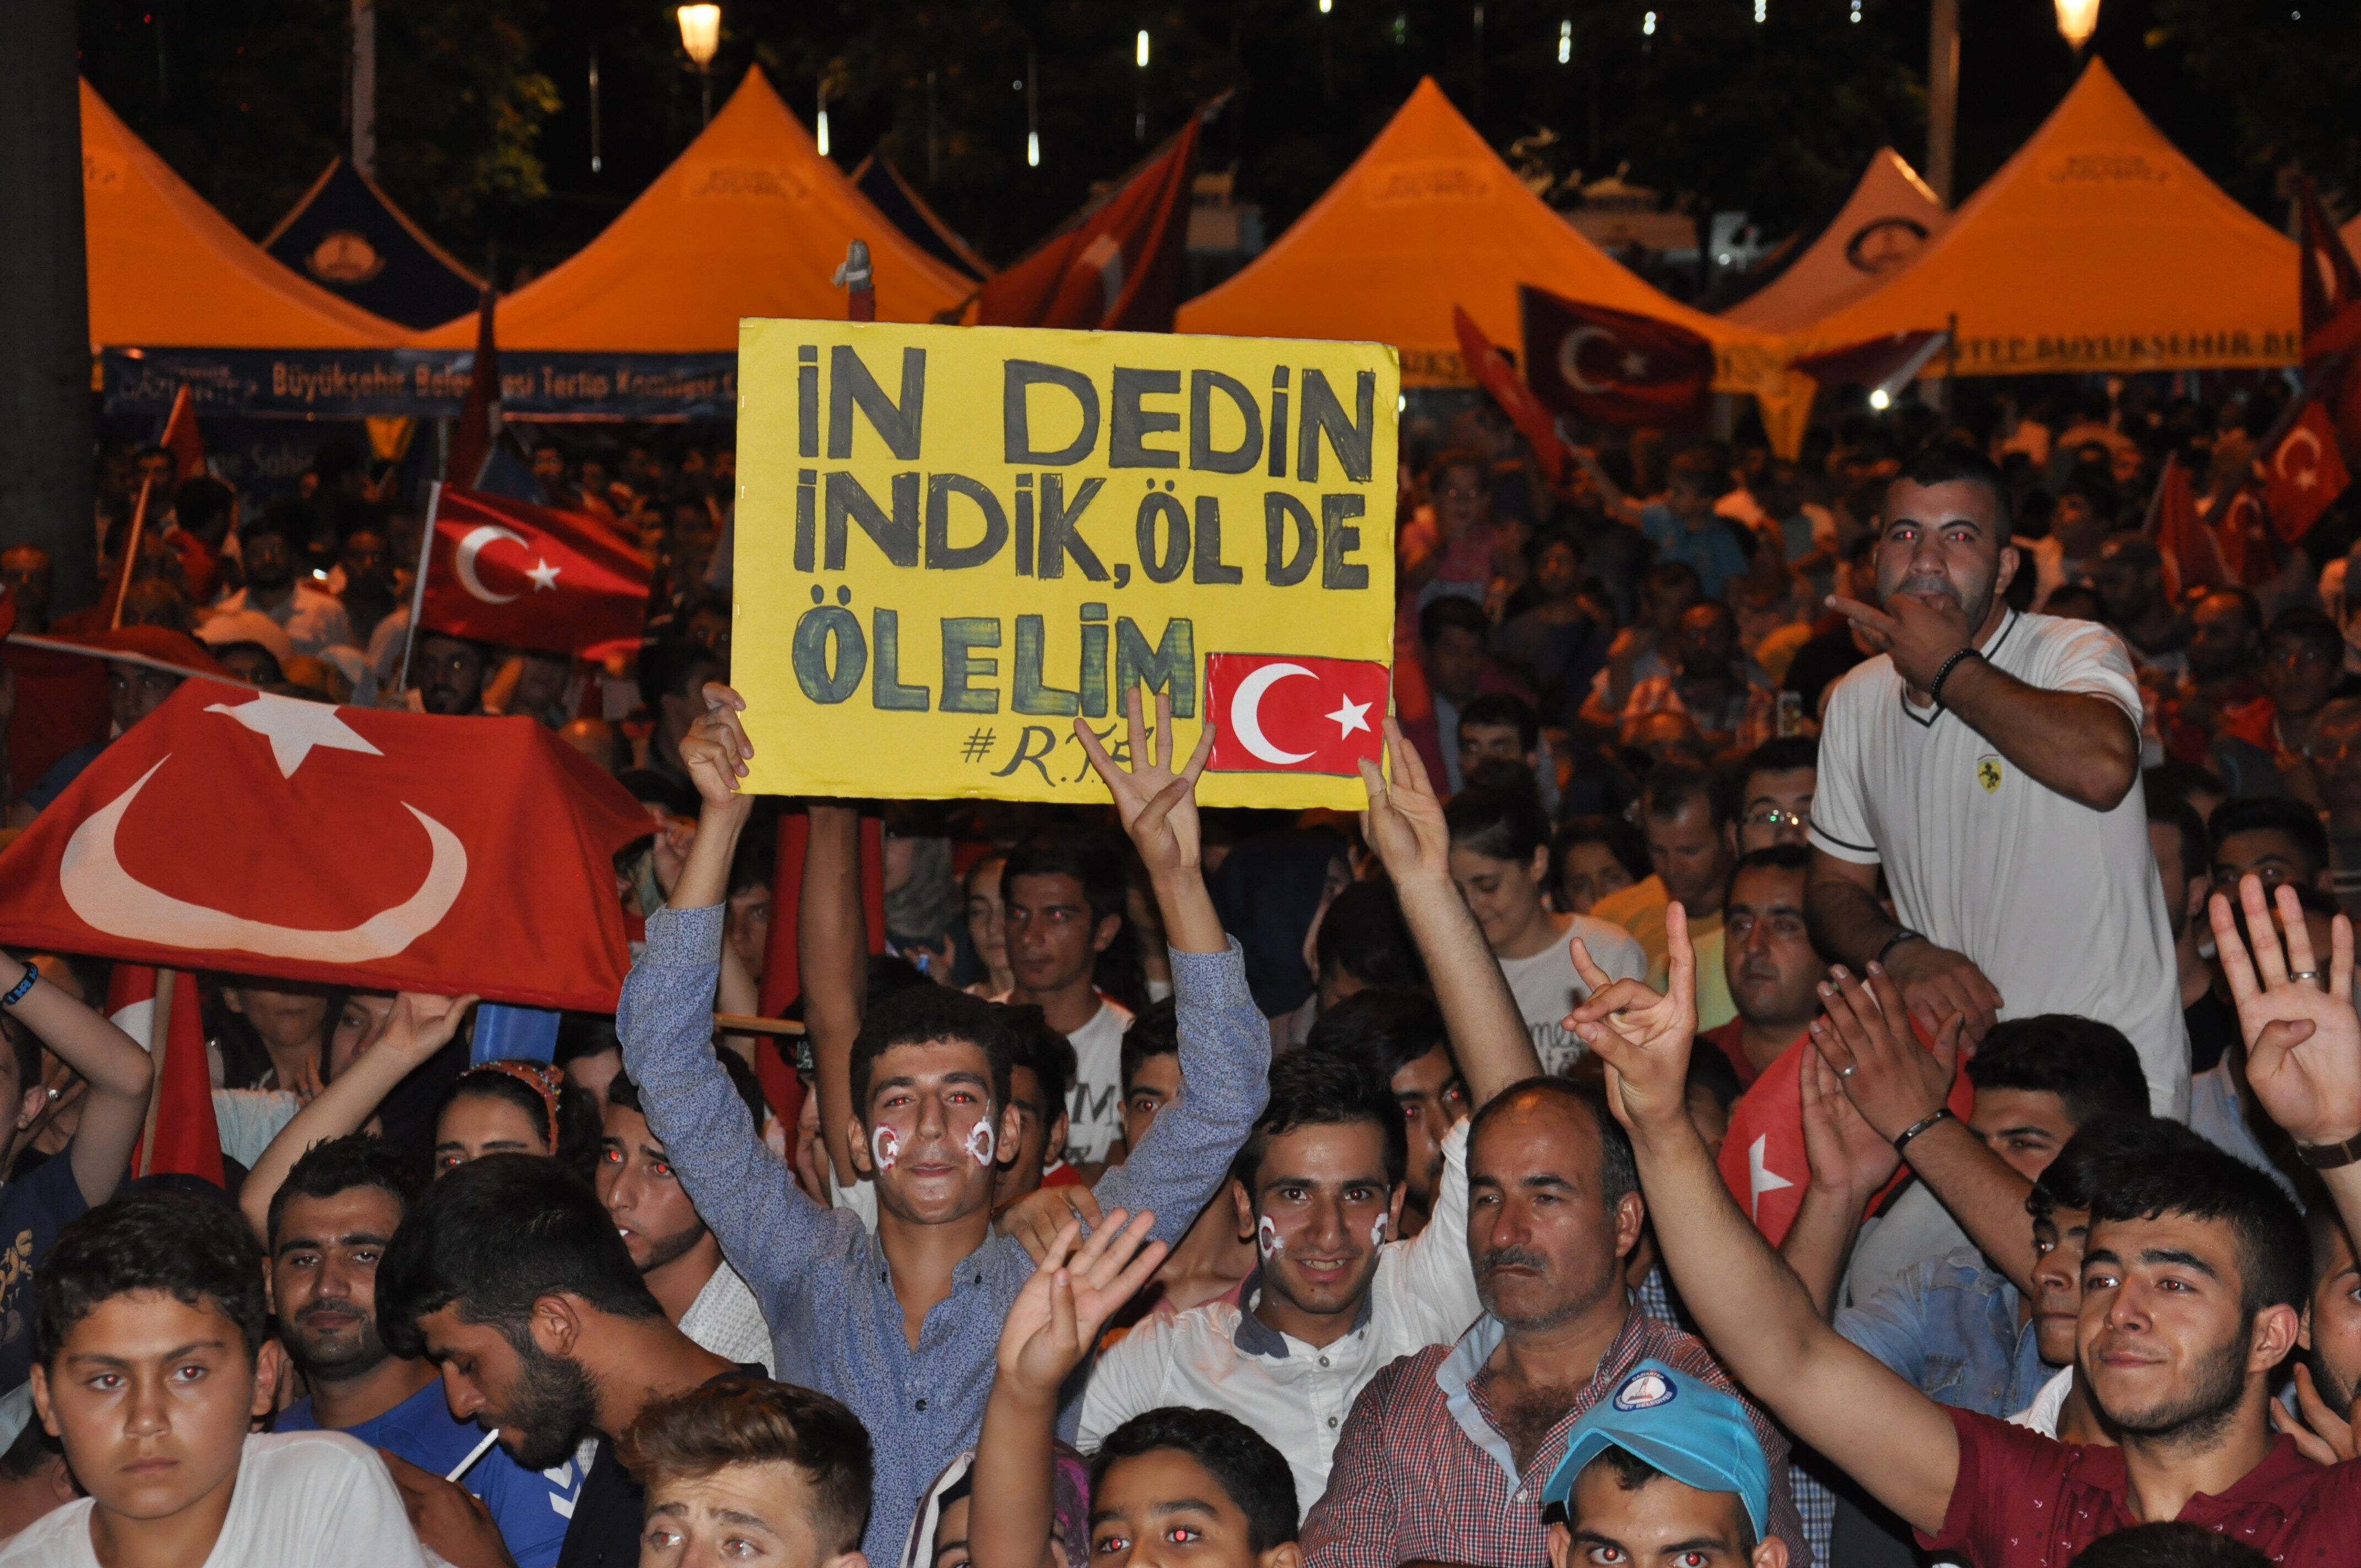 Cumhurbaşkanı Erdoğan'ın çağrısıyla beraber meydanlarda nöbet tutan vatandaşların hazırladıkları pankartlar büyük ilgi gördü.